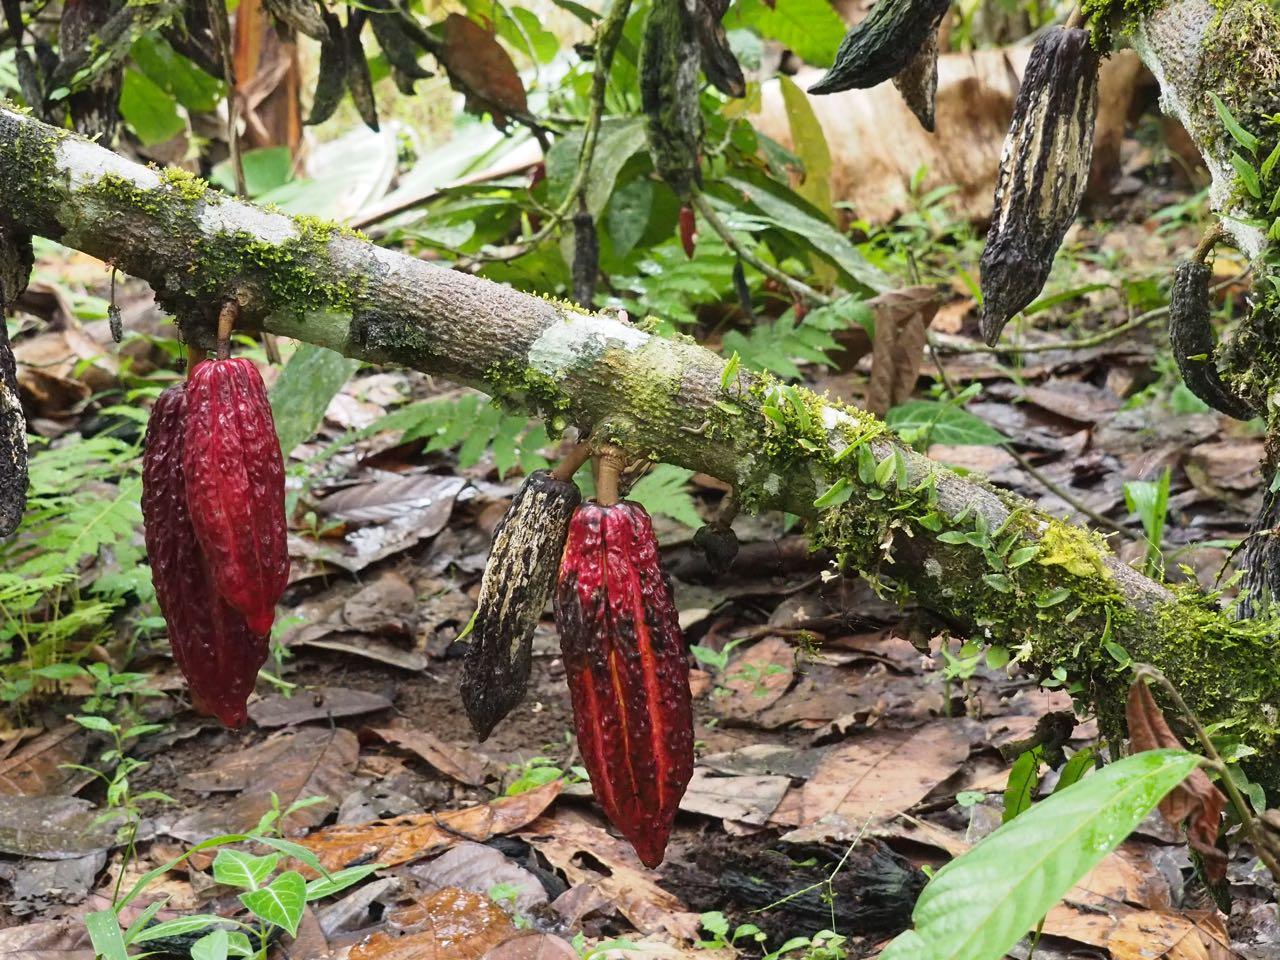 Sie wachsen direkt aus den Ästen und auch am Stamm des Baumes.